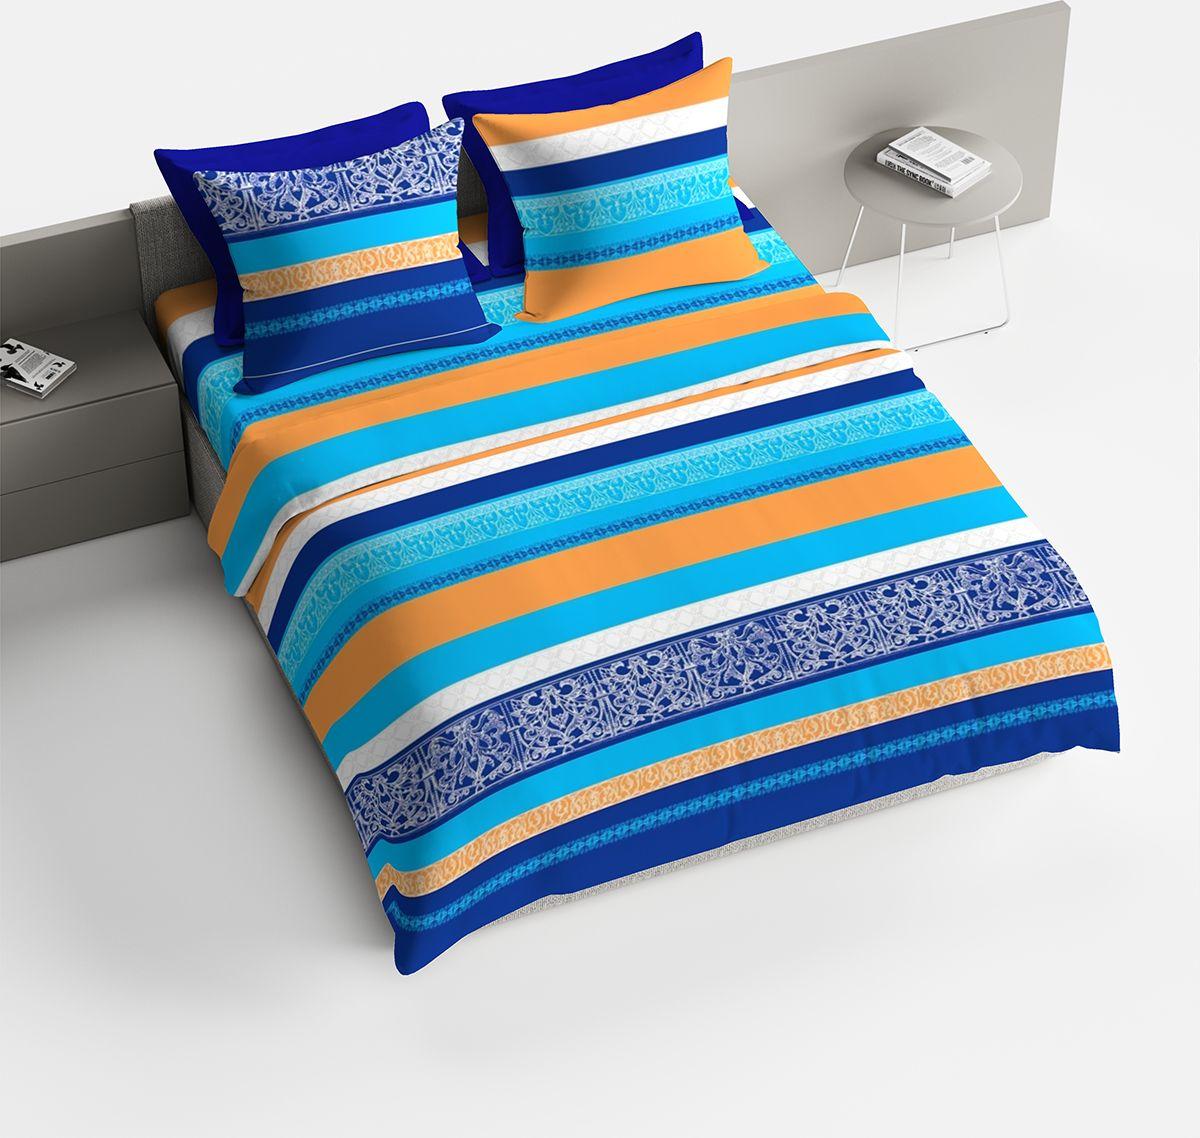 Комплект белья Браво Гретхен, 1,5-спальный, наволочки 70x70, цвет: синий87735Постельное белье коллекции Bravo изготавливается из ткани Lux Cotton (высококачественный импортный поплин), сотканной из длинноволокнистого египетского хлопка, создано специально для людей с оригинальным вкусом, предпочитающим современные решения в интерьере. В процессе производства применяются только стойкие и экологически чистые красители, поэтому это белье можно использовать и для детей. Обновленная стильная упаковка делает этот комплект отличным подарком.Советы по выбору постельного белья от блогера Ирины Соковых. Статья OZON Гид